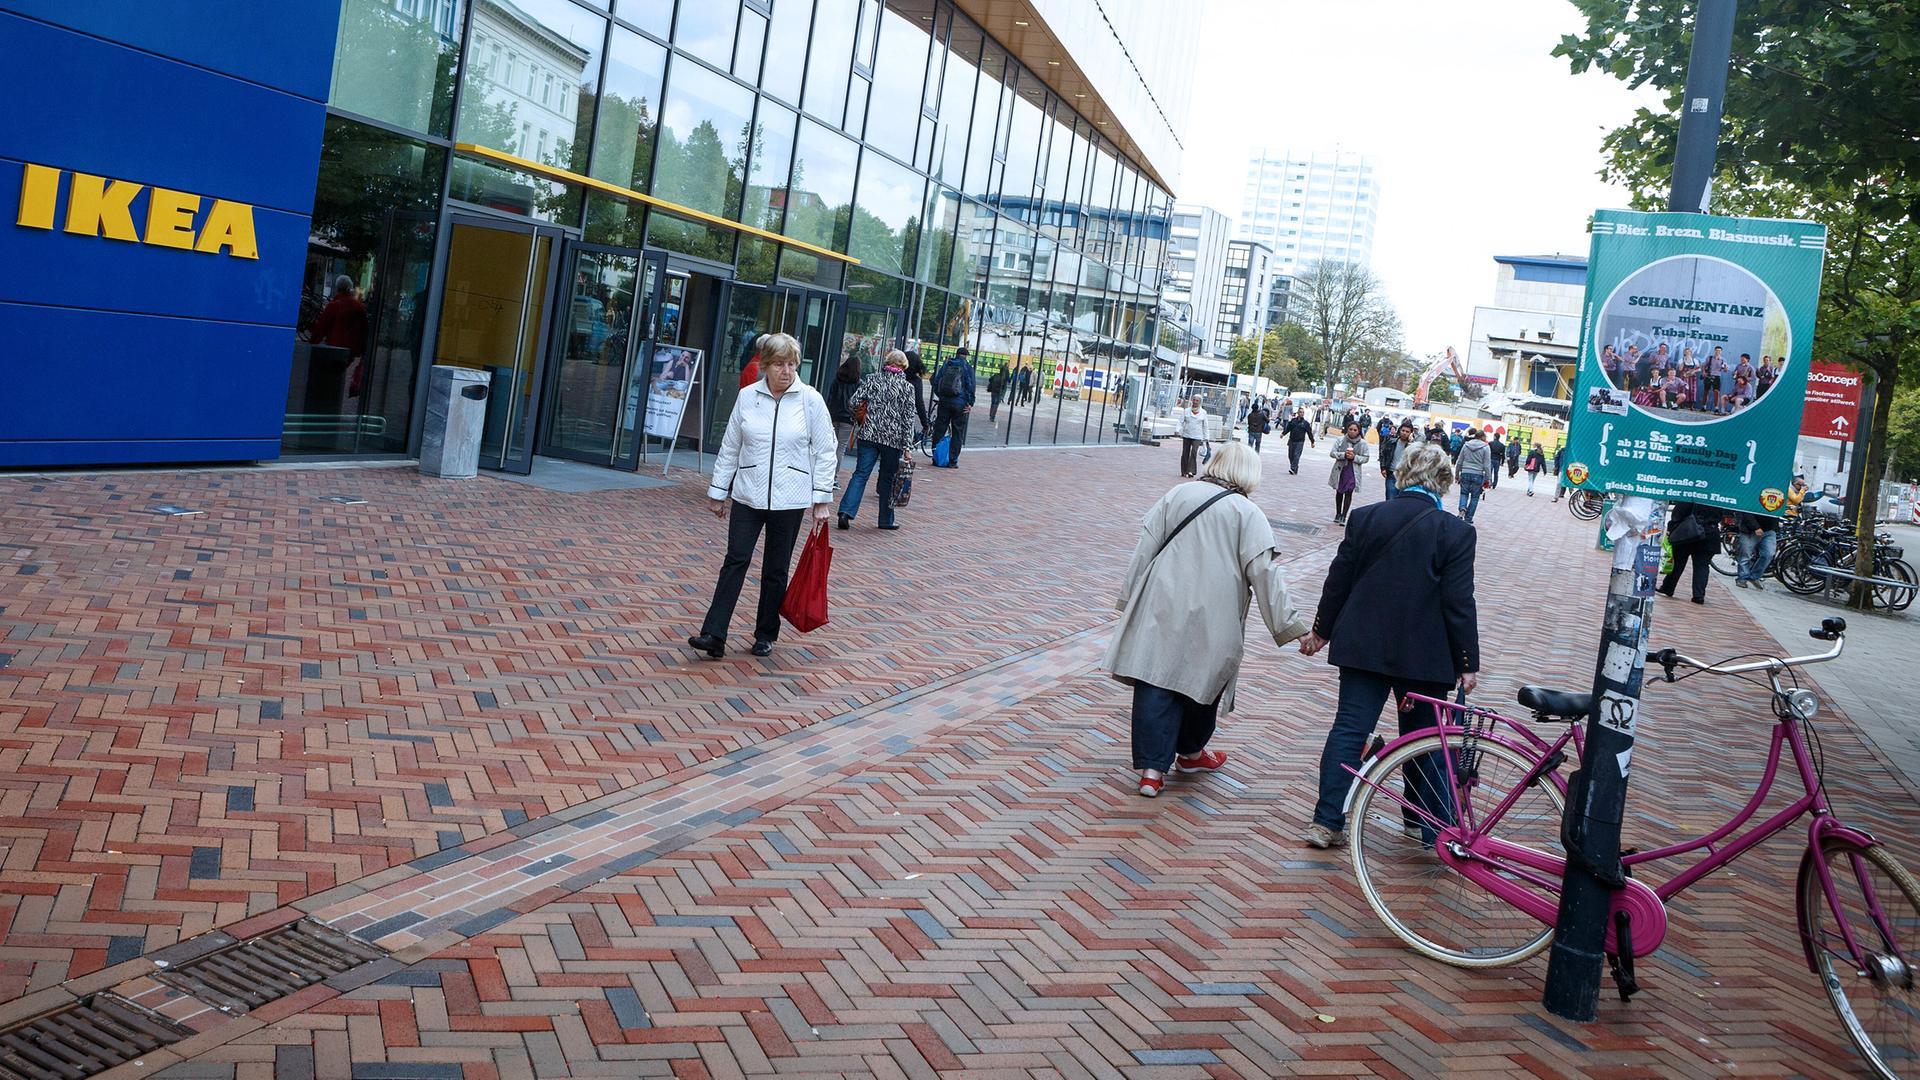 Ikea Ein Möbelriese Will In Die Fußgängerzonen Zdfmediathek